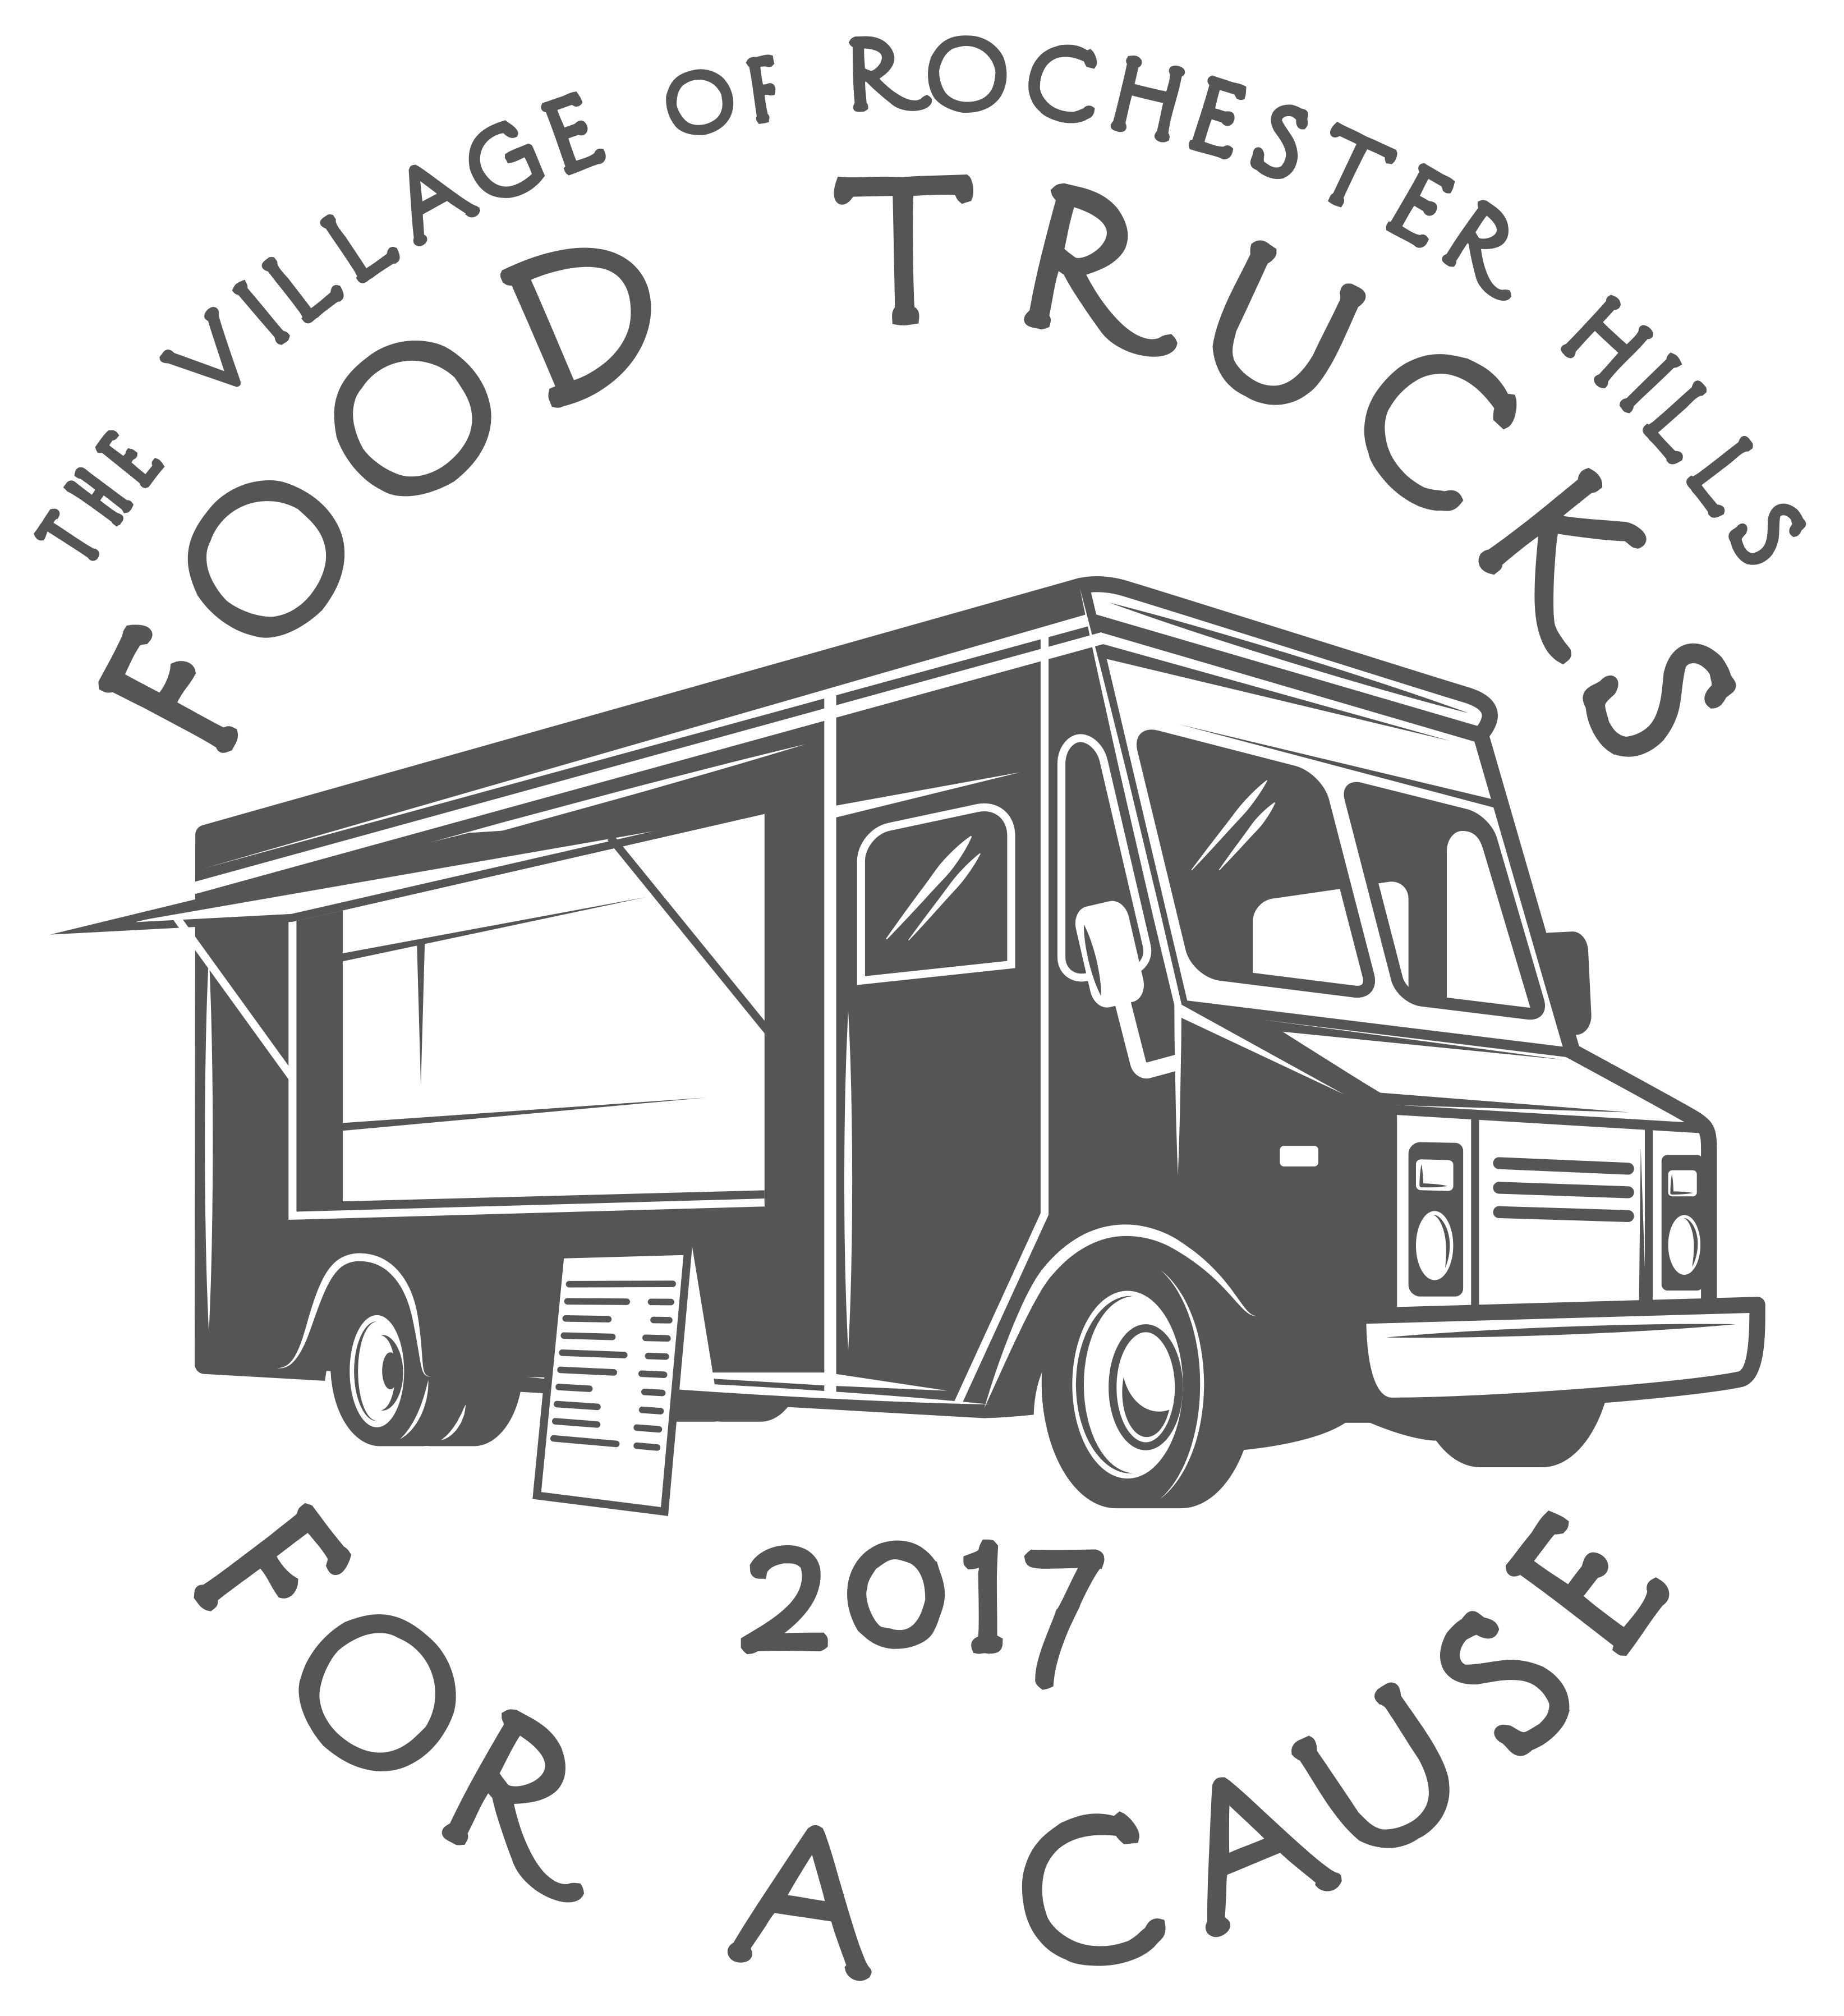 20170207 1350 VORH food truck logo